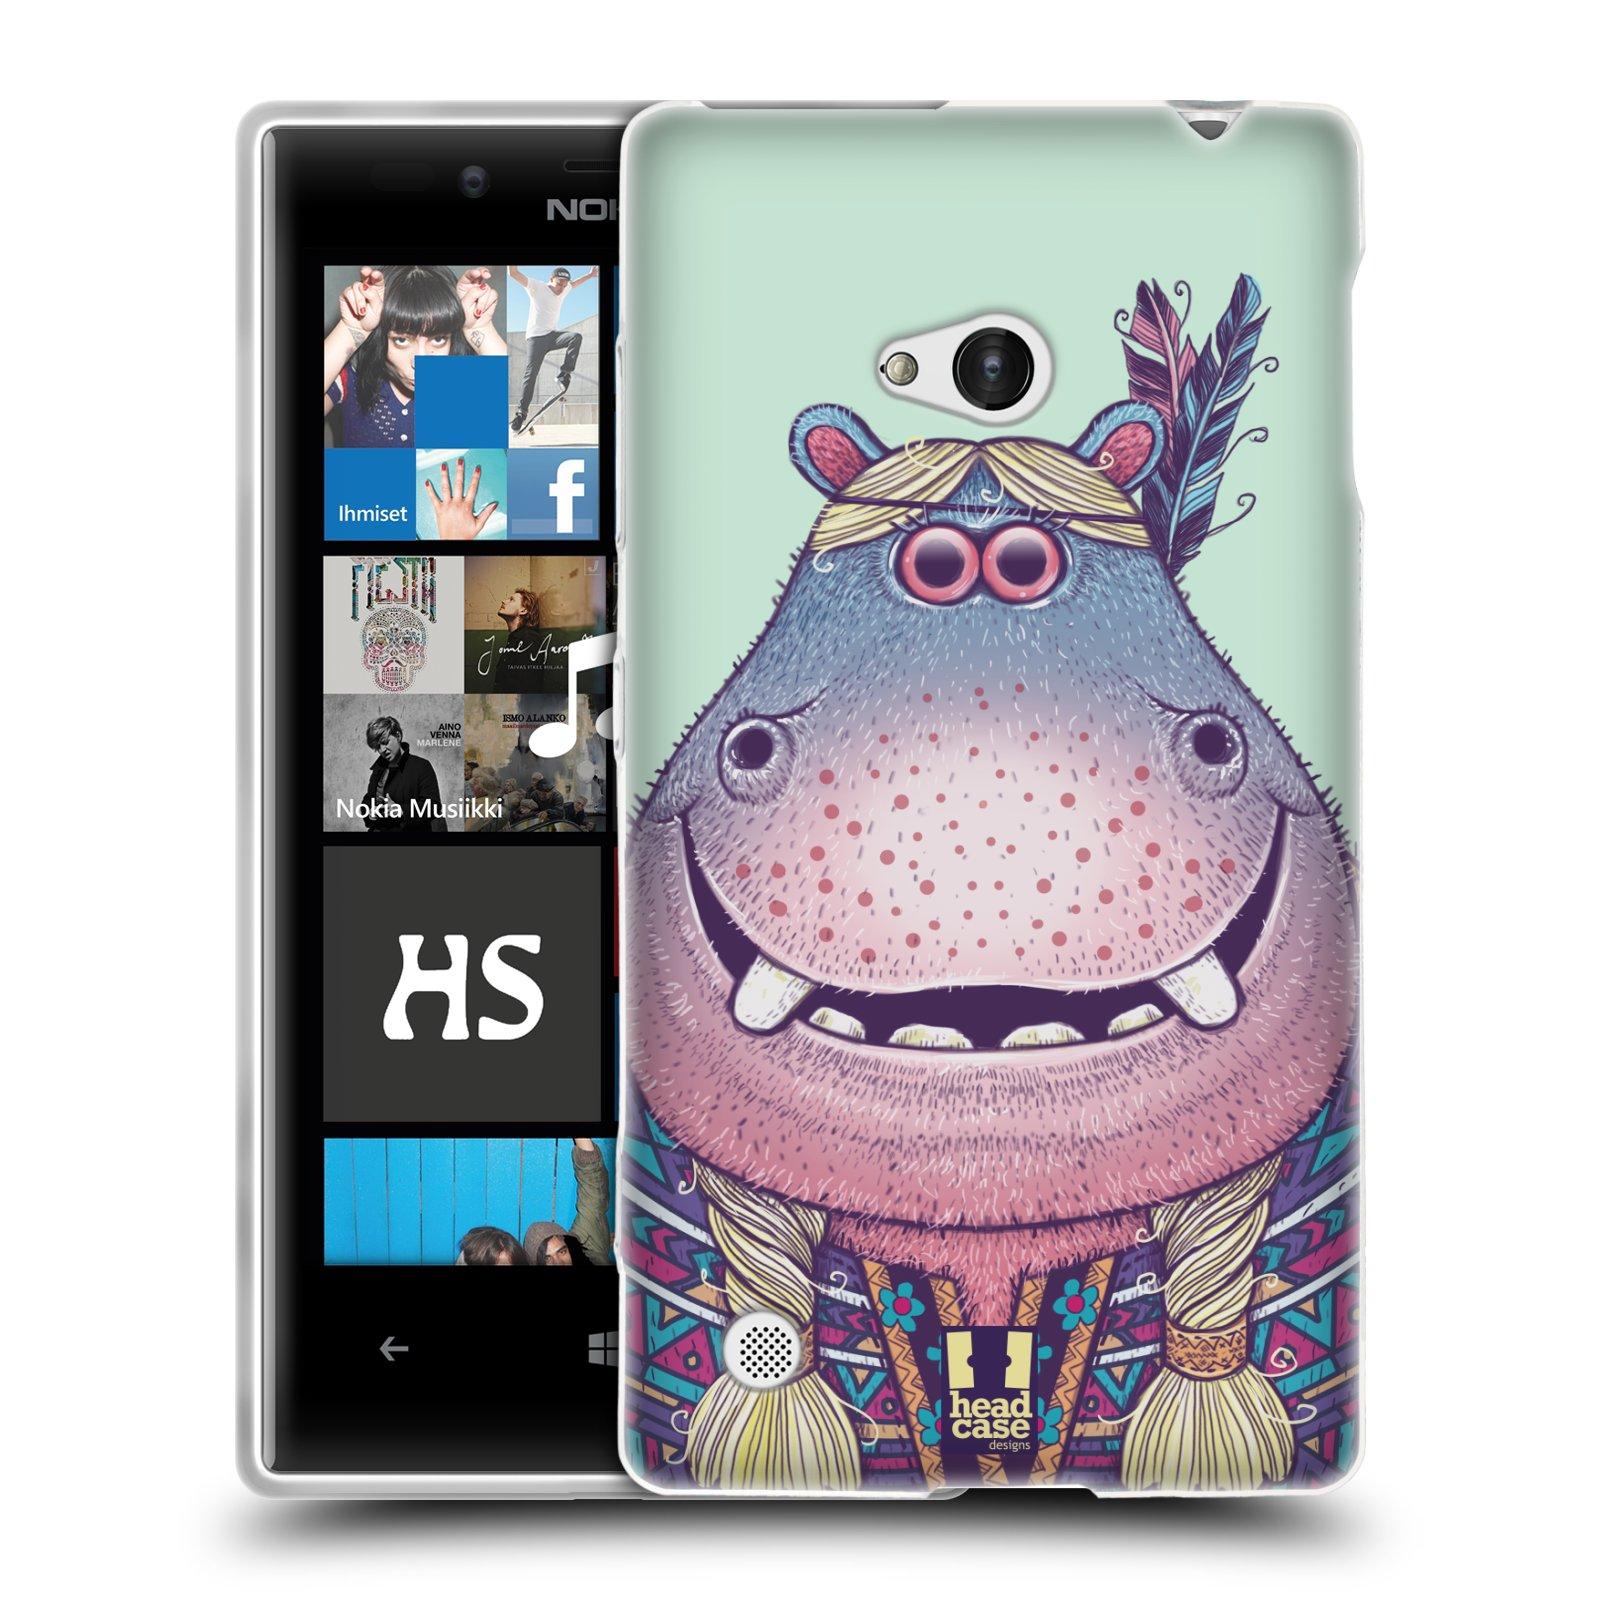 HEAD CASE silikonový obal na mobil NOKIA Lumia 720 vzor Kreslená zvířátka hroch